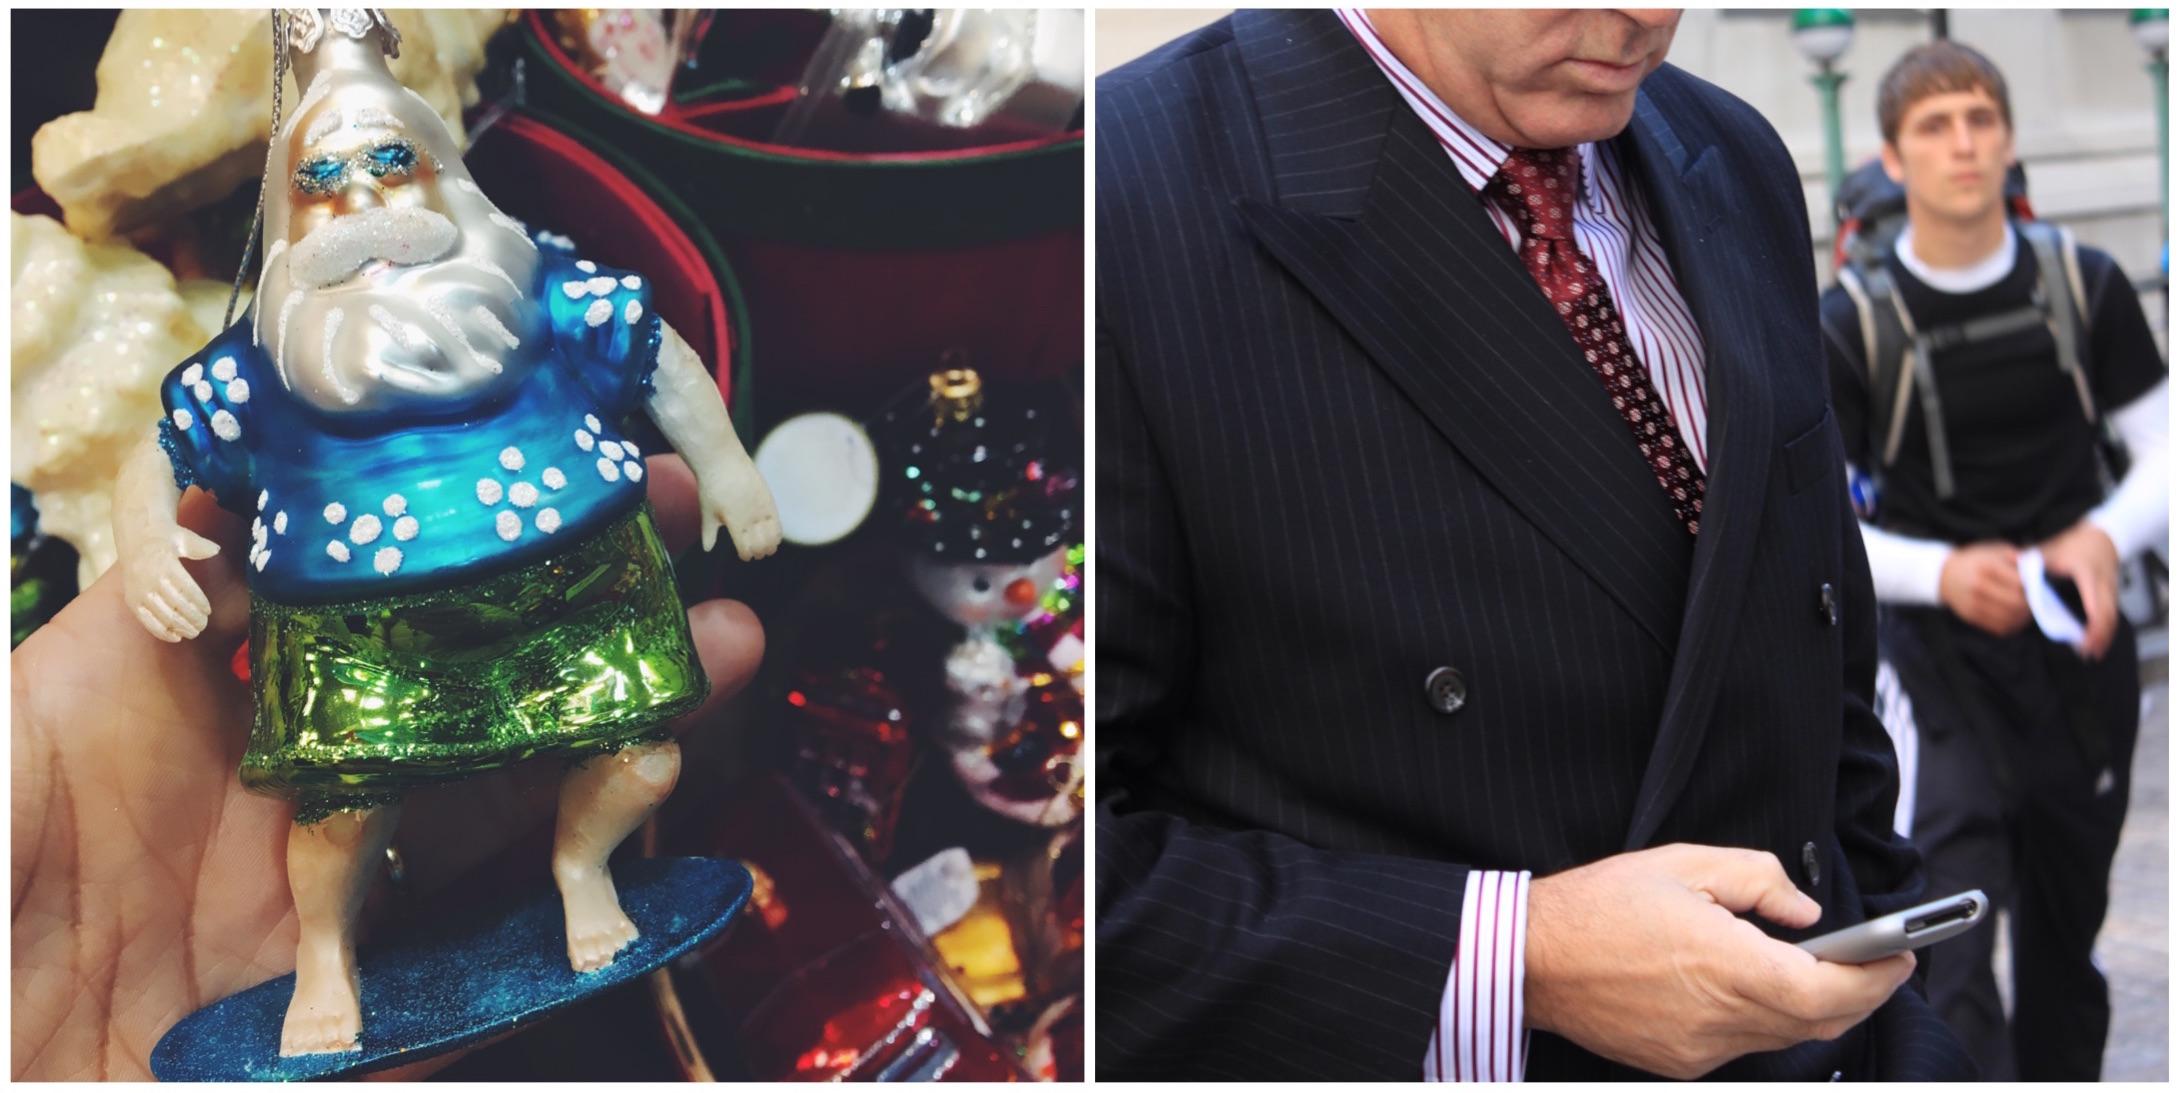 A San Francisco vanno tutti a lavorare vestititi totalmente casual, a New York i meeting si fanno in giacca e cravatta.